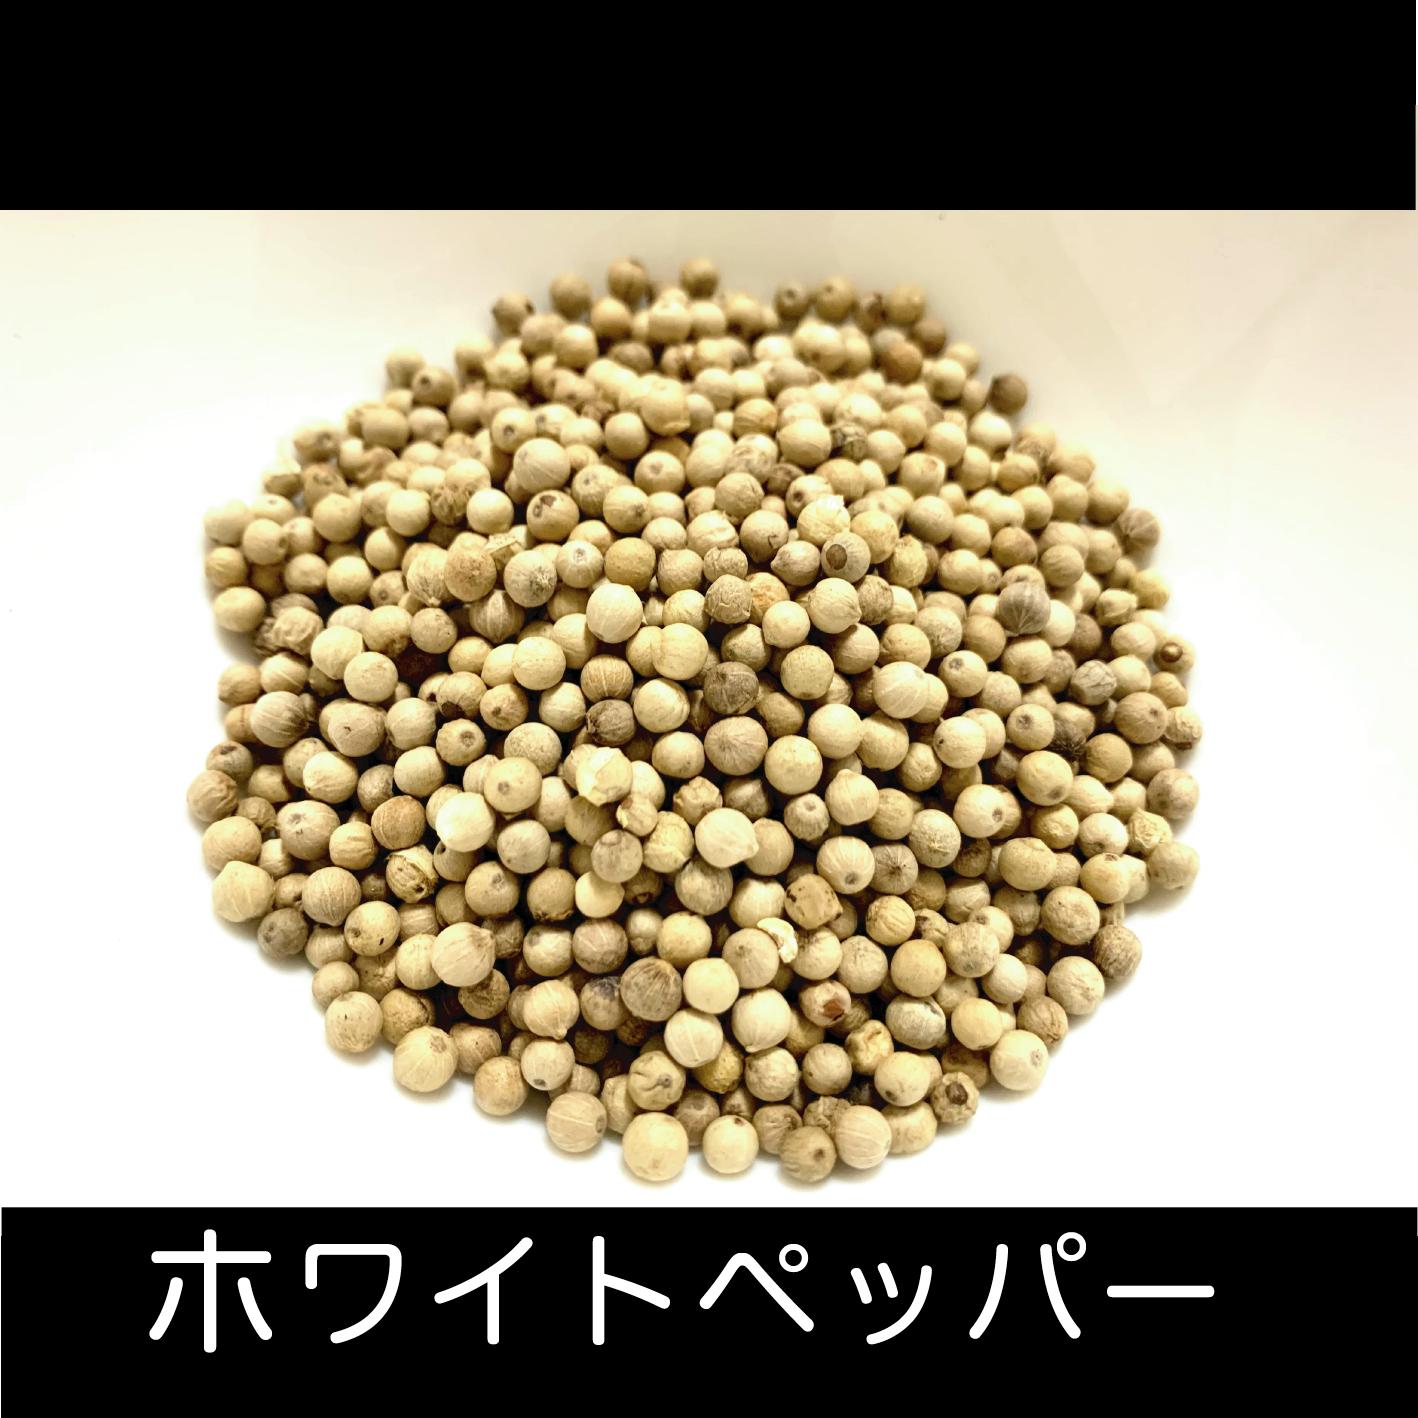 クラフトコーラの食材紹介 vol.8 ホワイトペッパー